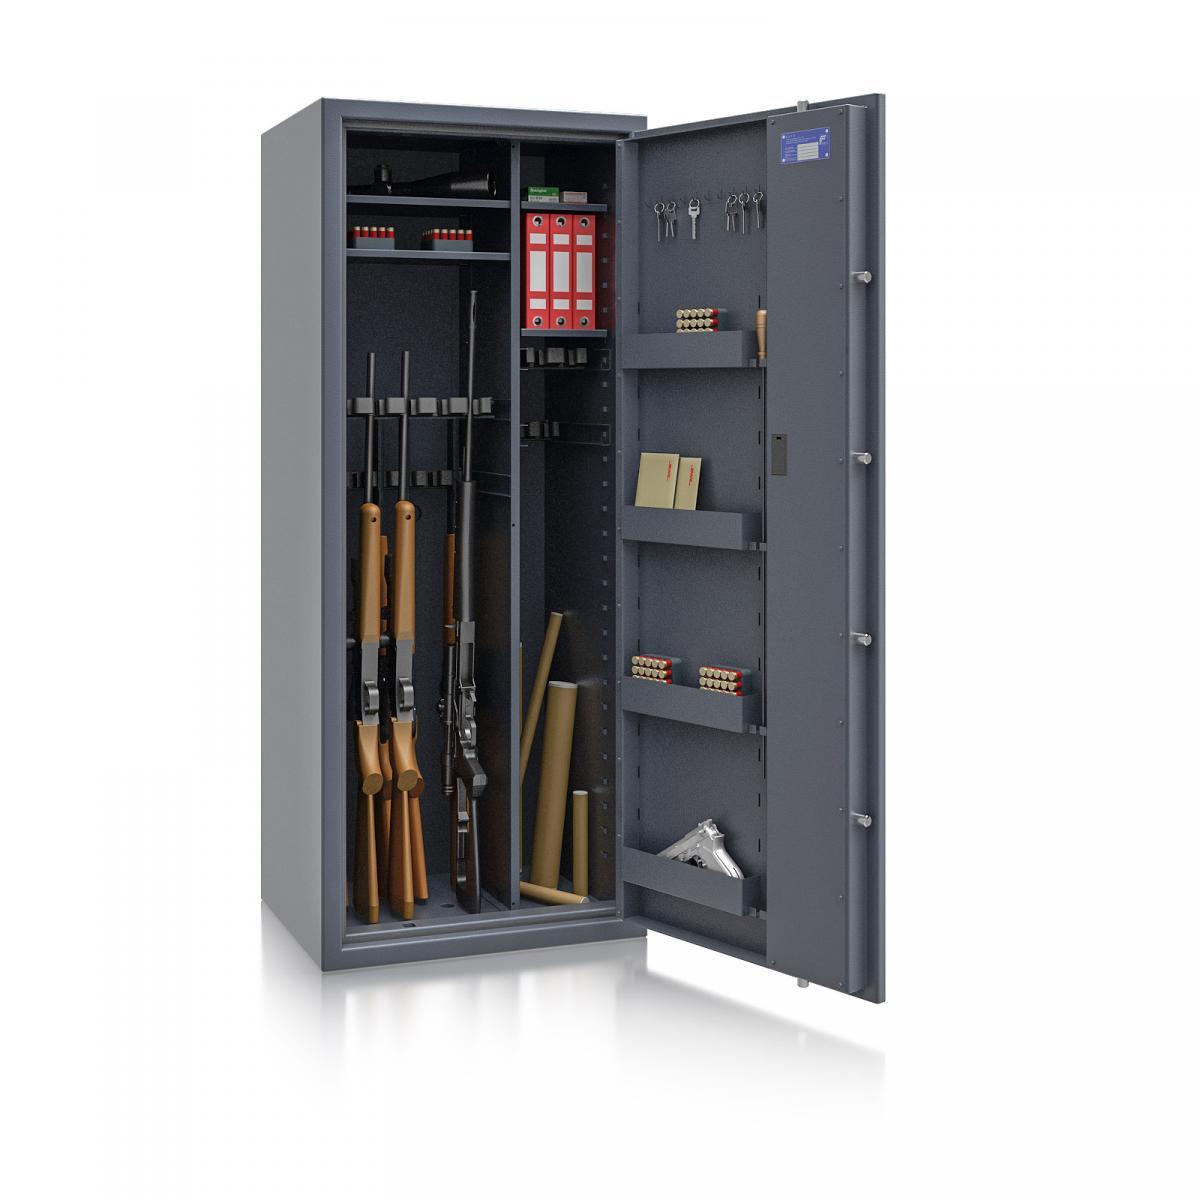 Waffenschrank Luzern WF MAX Kombi 3 - 1600x655x500 / 242kg 55634 / Klasse 0 / RAL7024 / Elektr. Basic / DIN R / mit Trennw.